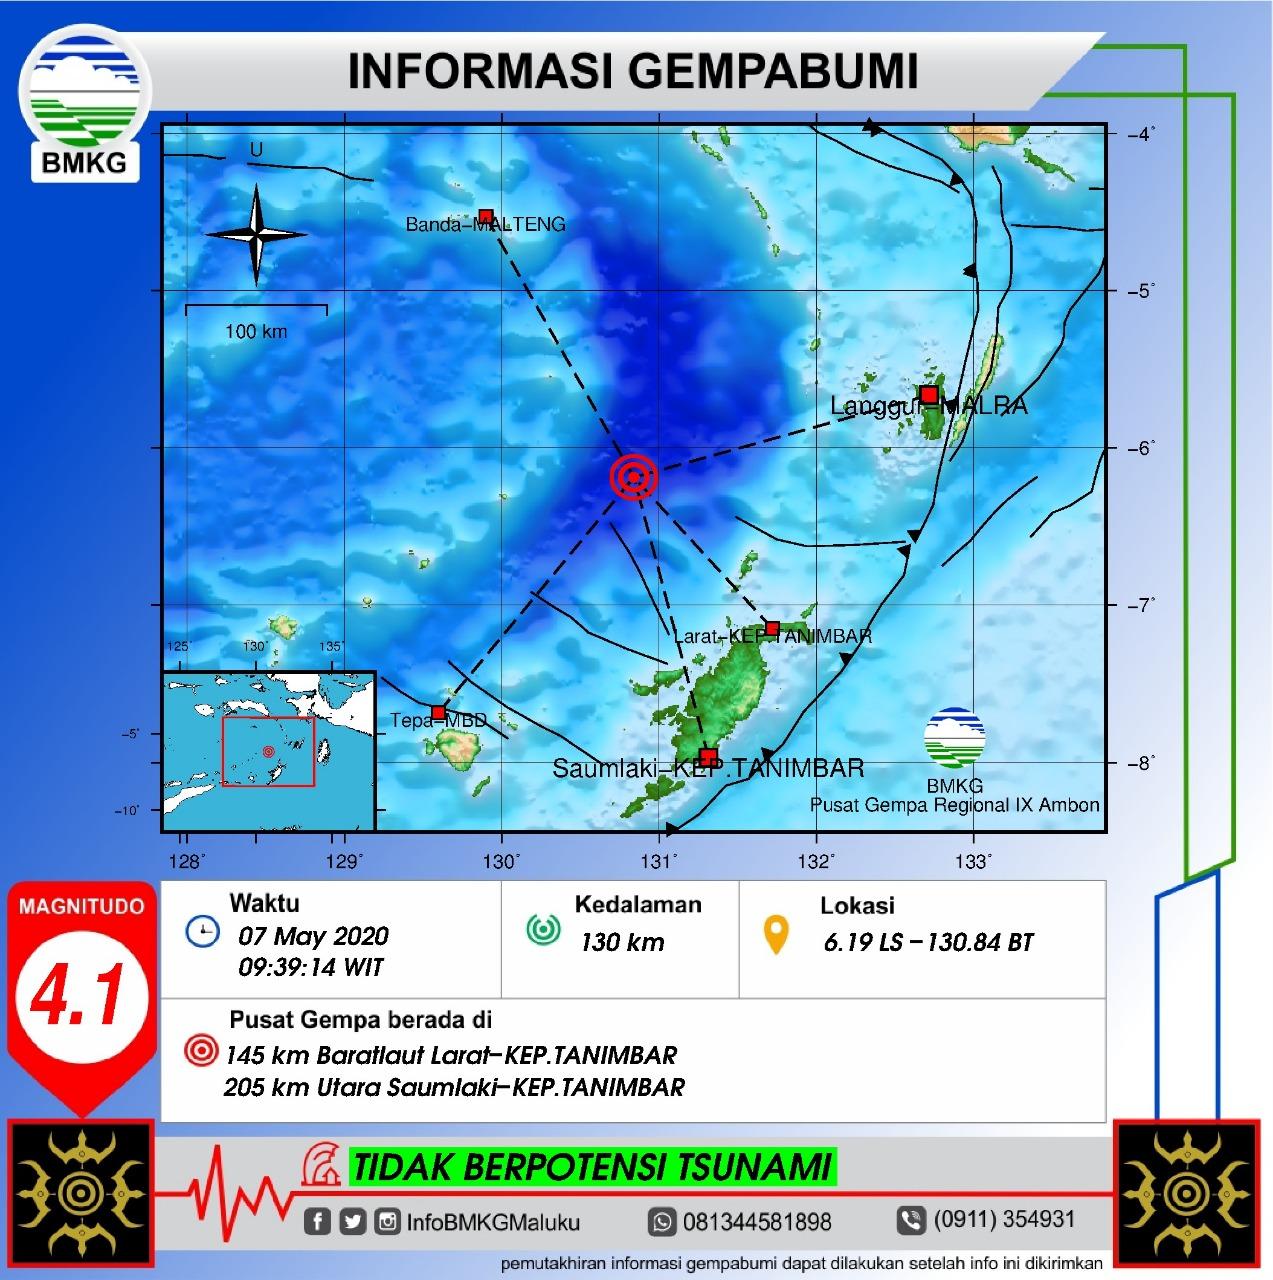 Gempa M 4,1 Terjadi Di Wilayah Tanimbar